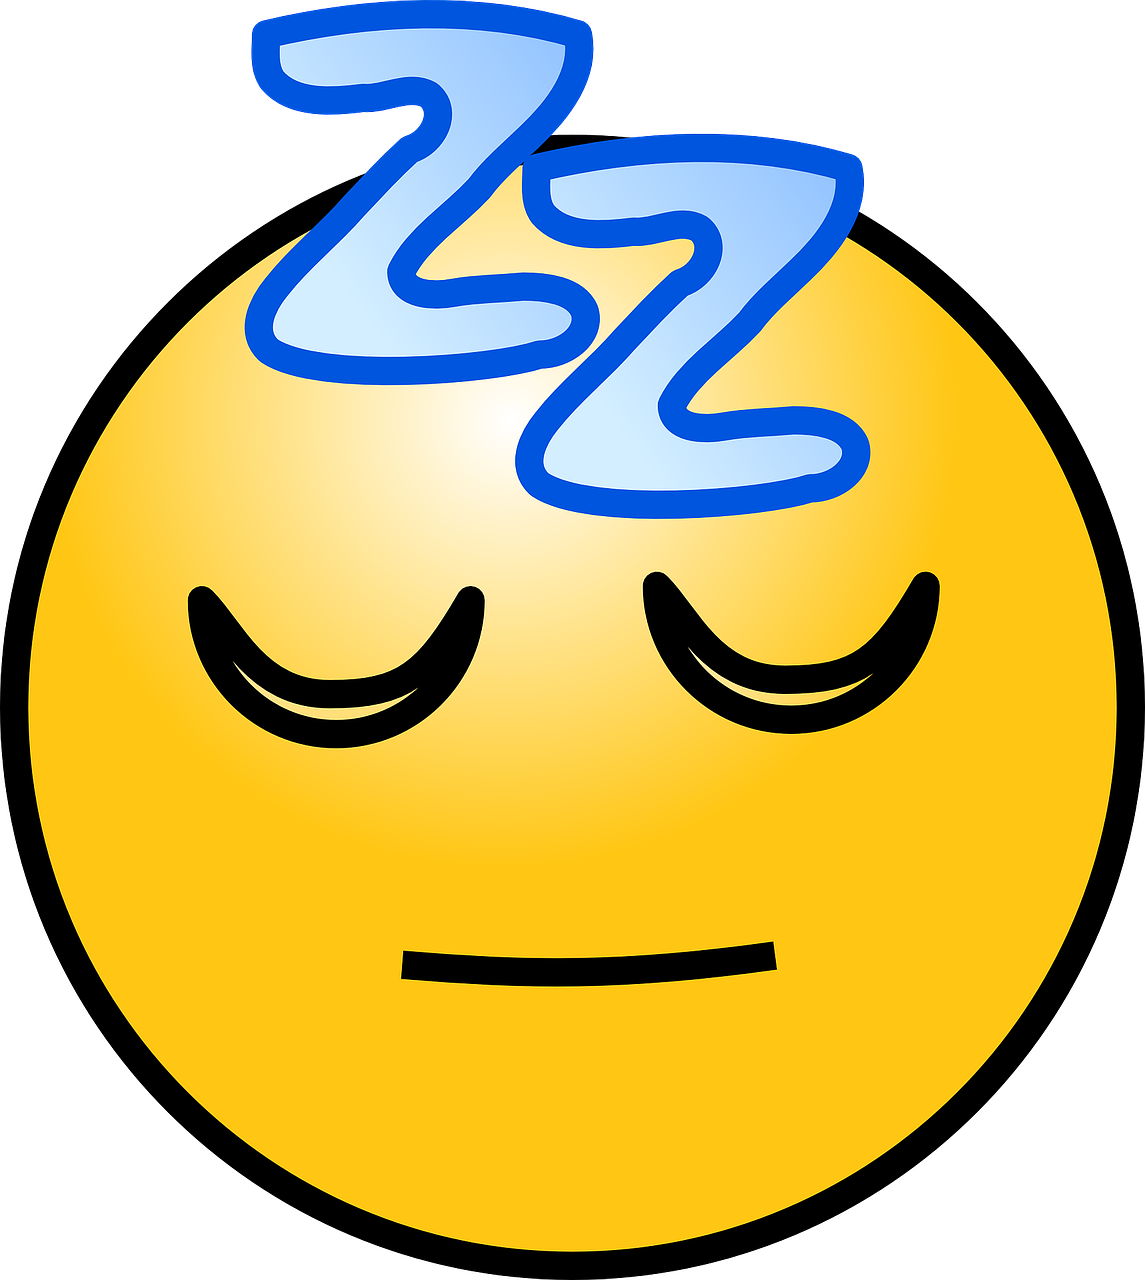 Sleepy Face